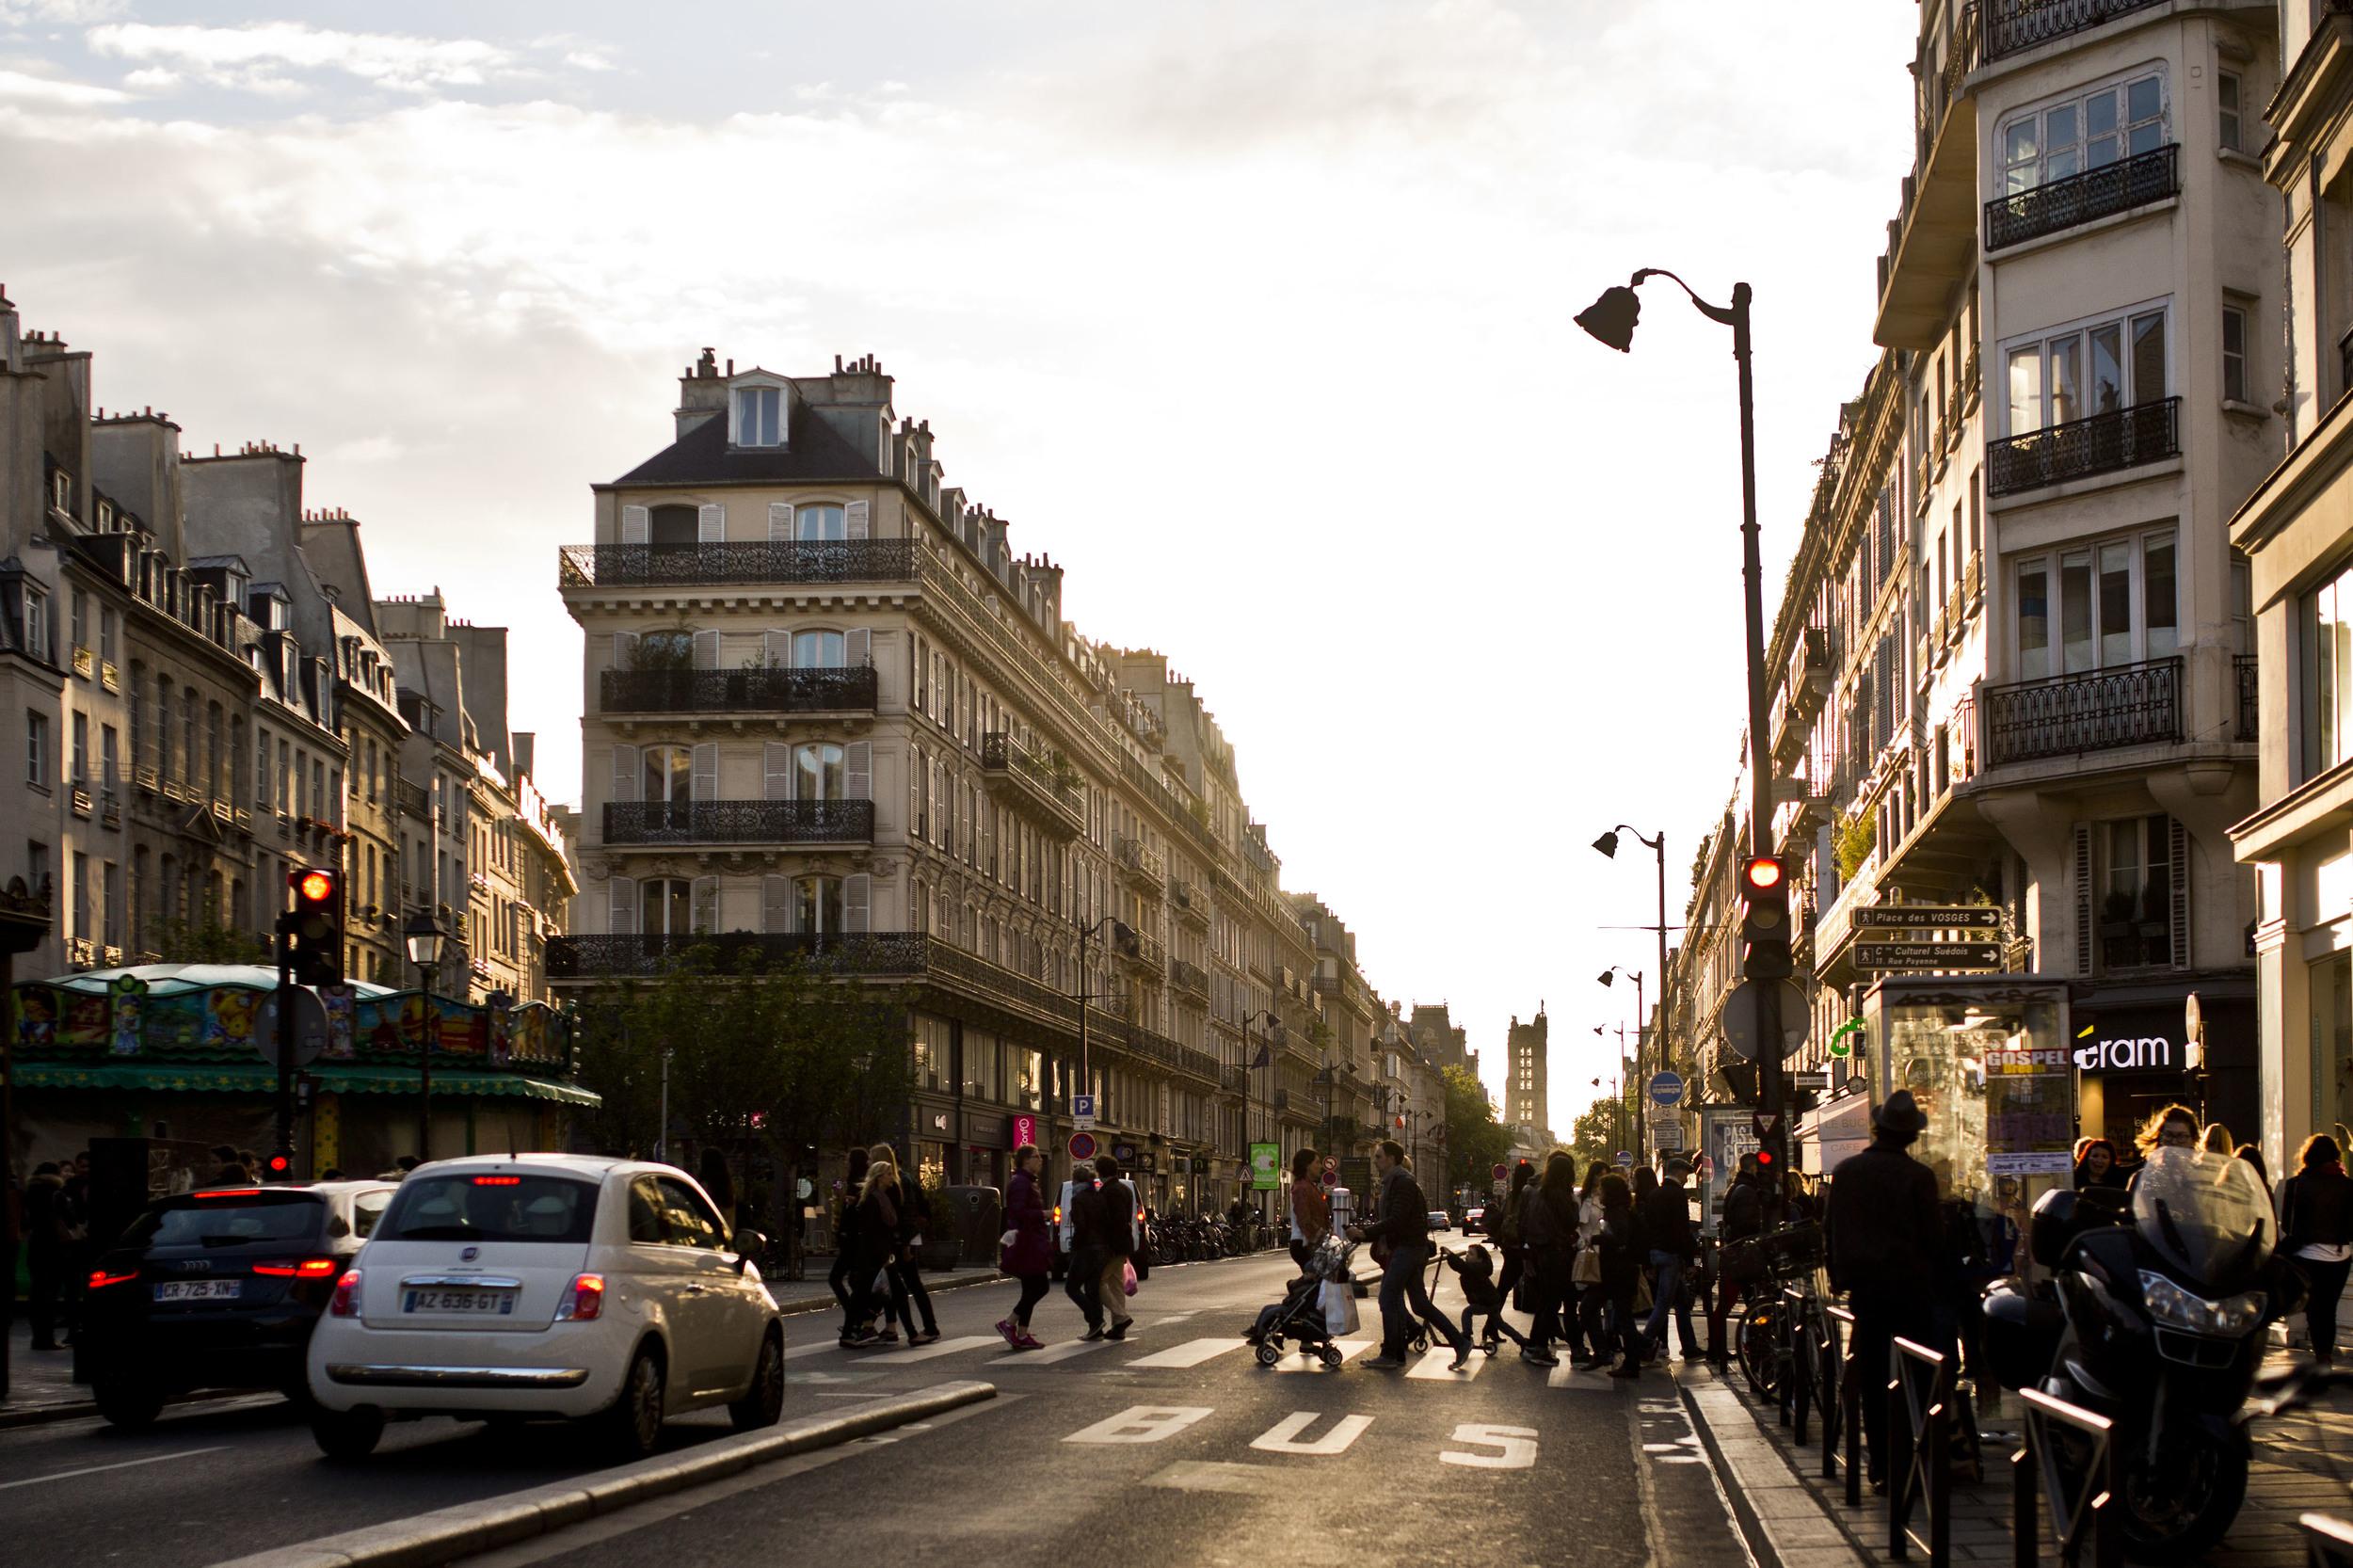 Paris. April 27, 2014